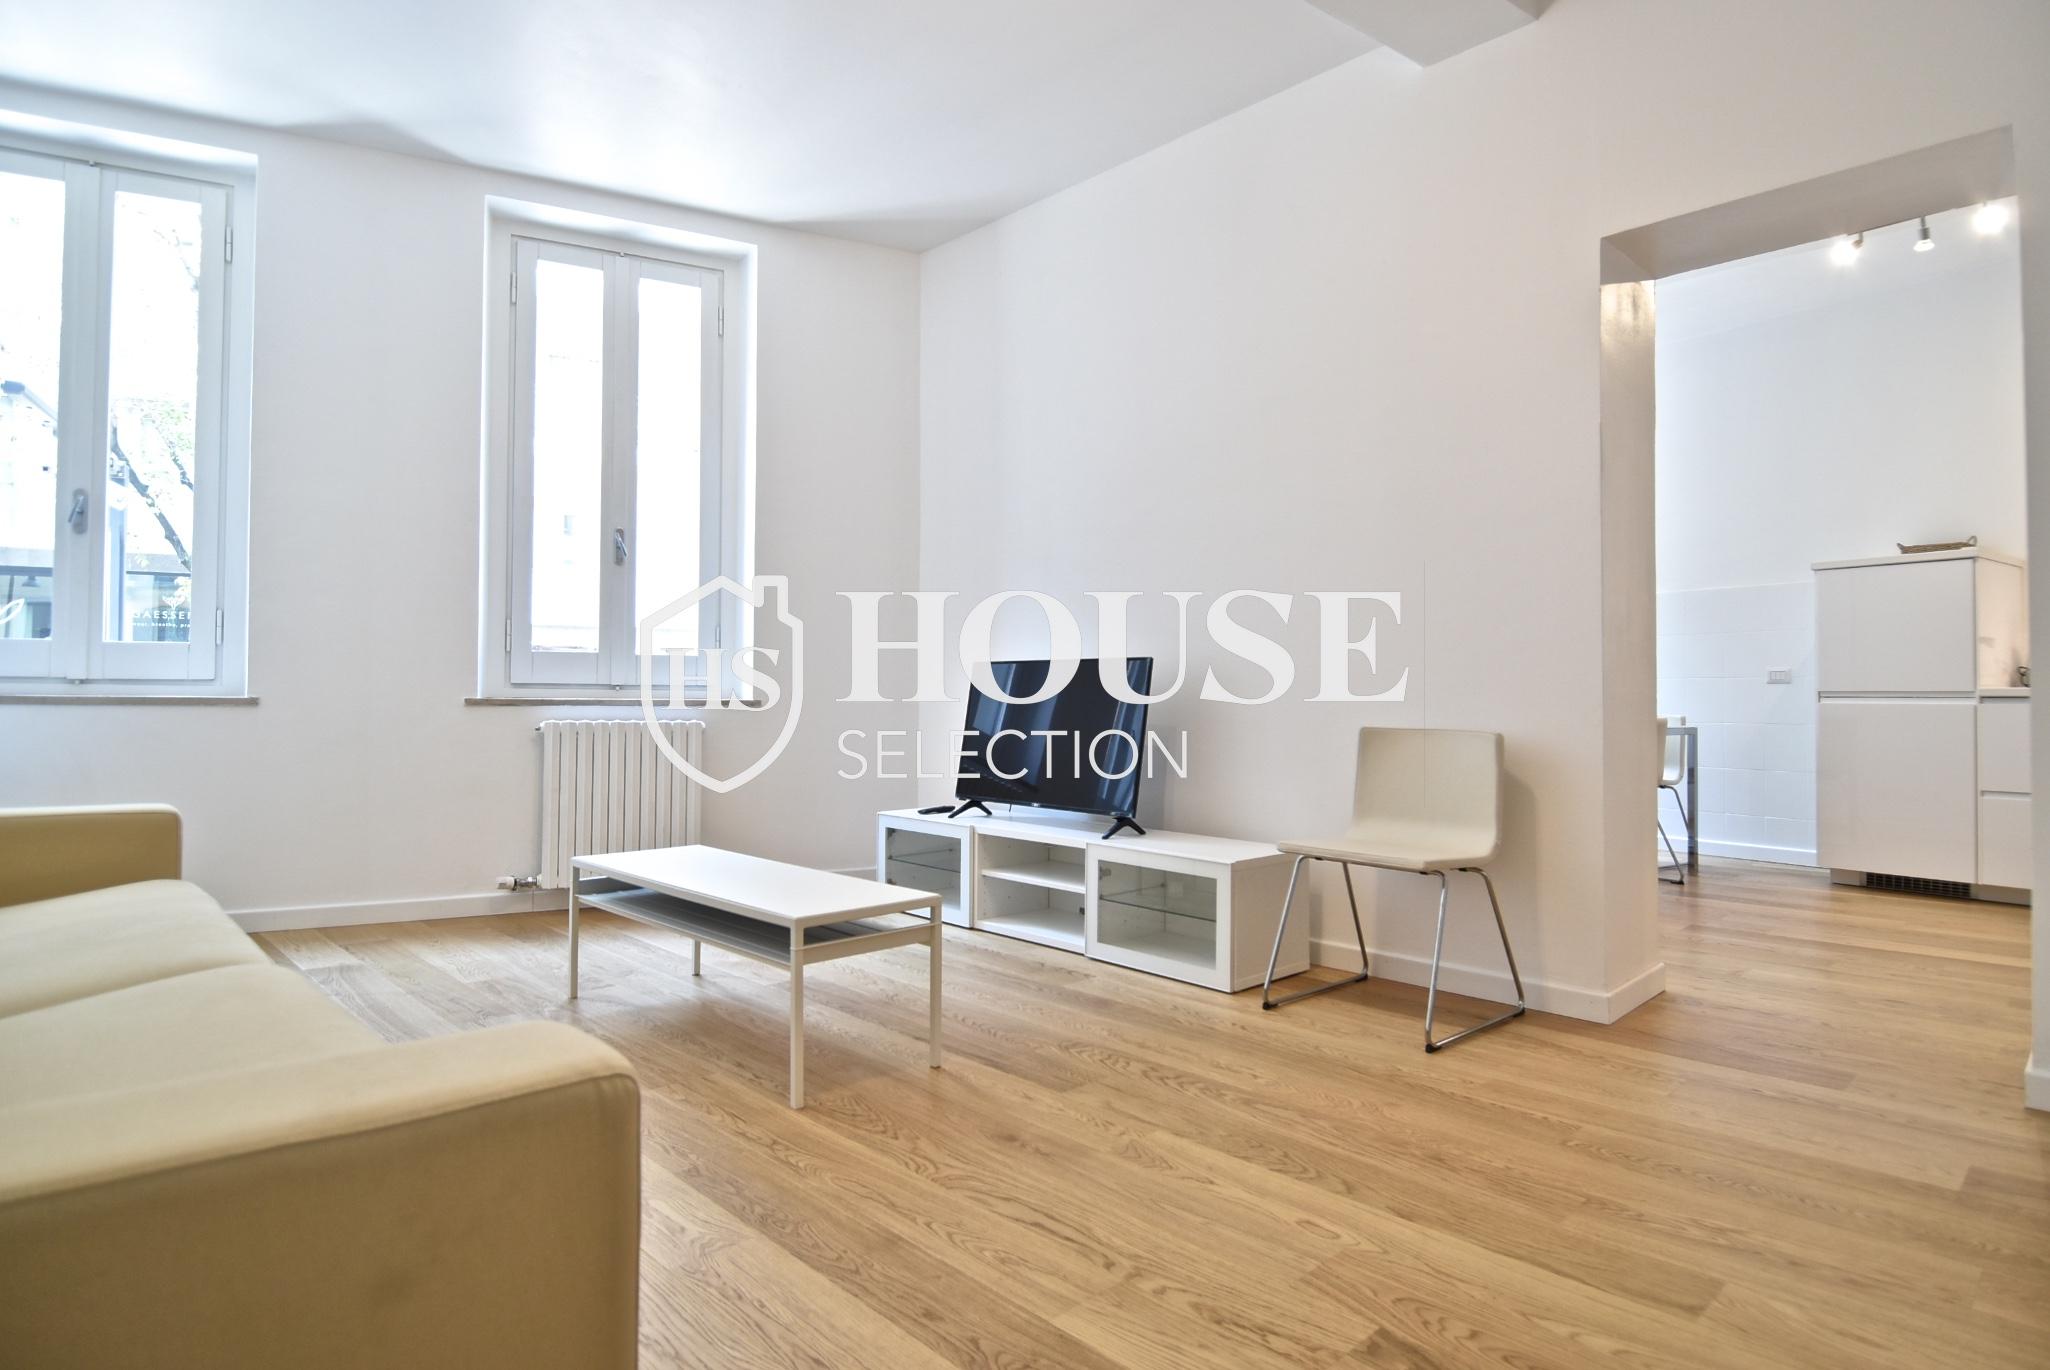 Affitto ampio bilocale Corso Garibaldi, Brera, centro Milano, ristrutturato e arredato 7